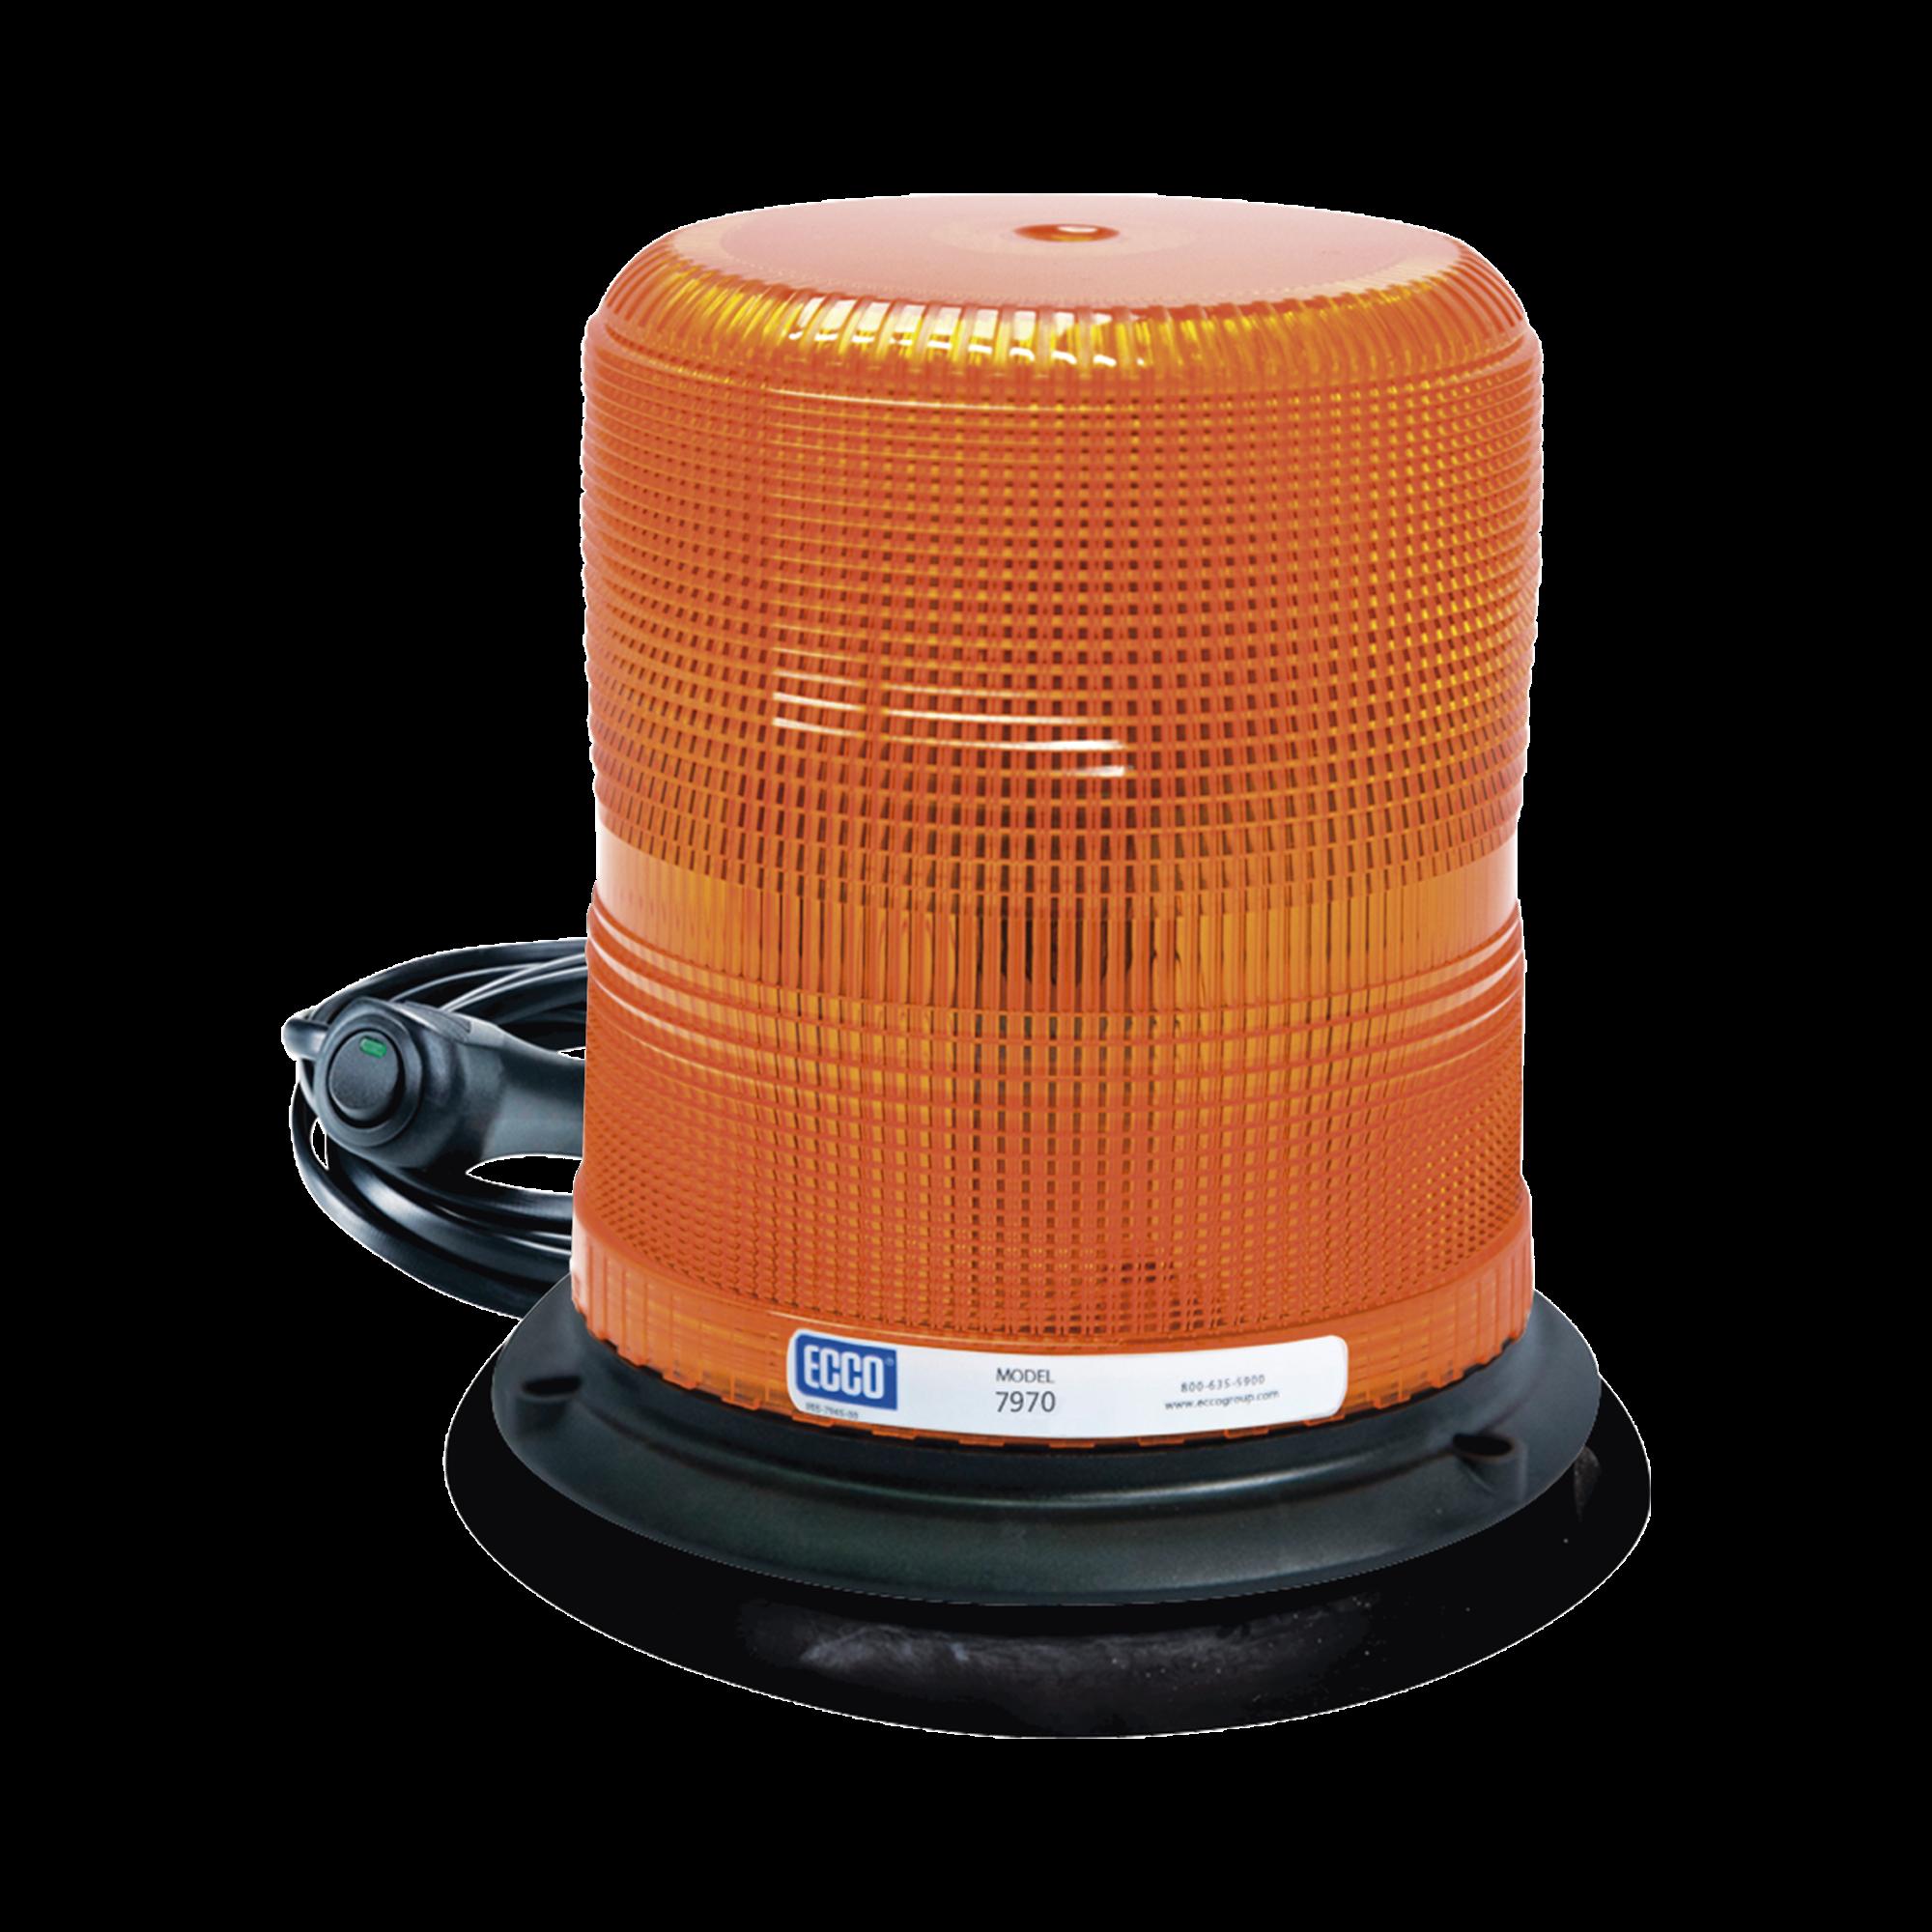 Baliza LED color ámbar con montaje magnético de succión DE 7 de altura